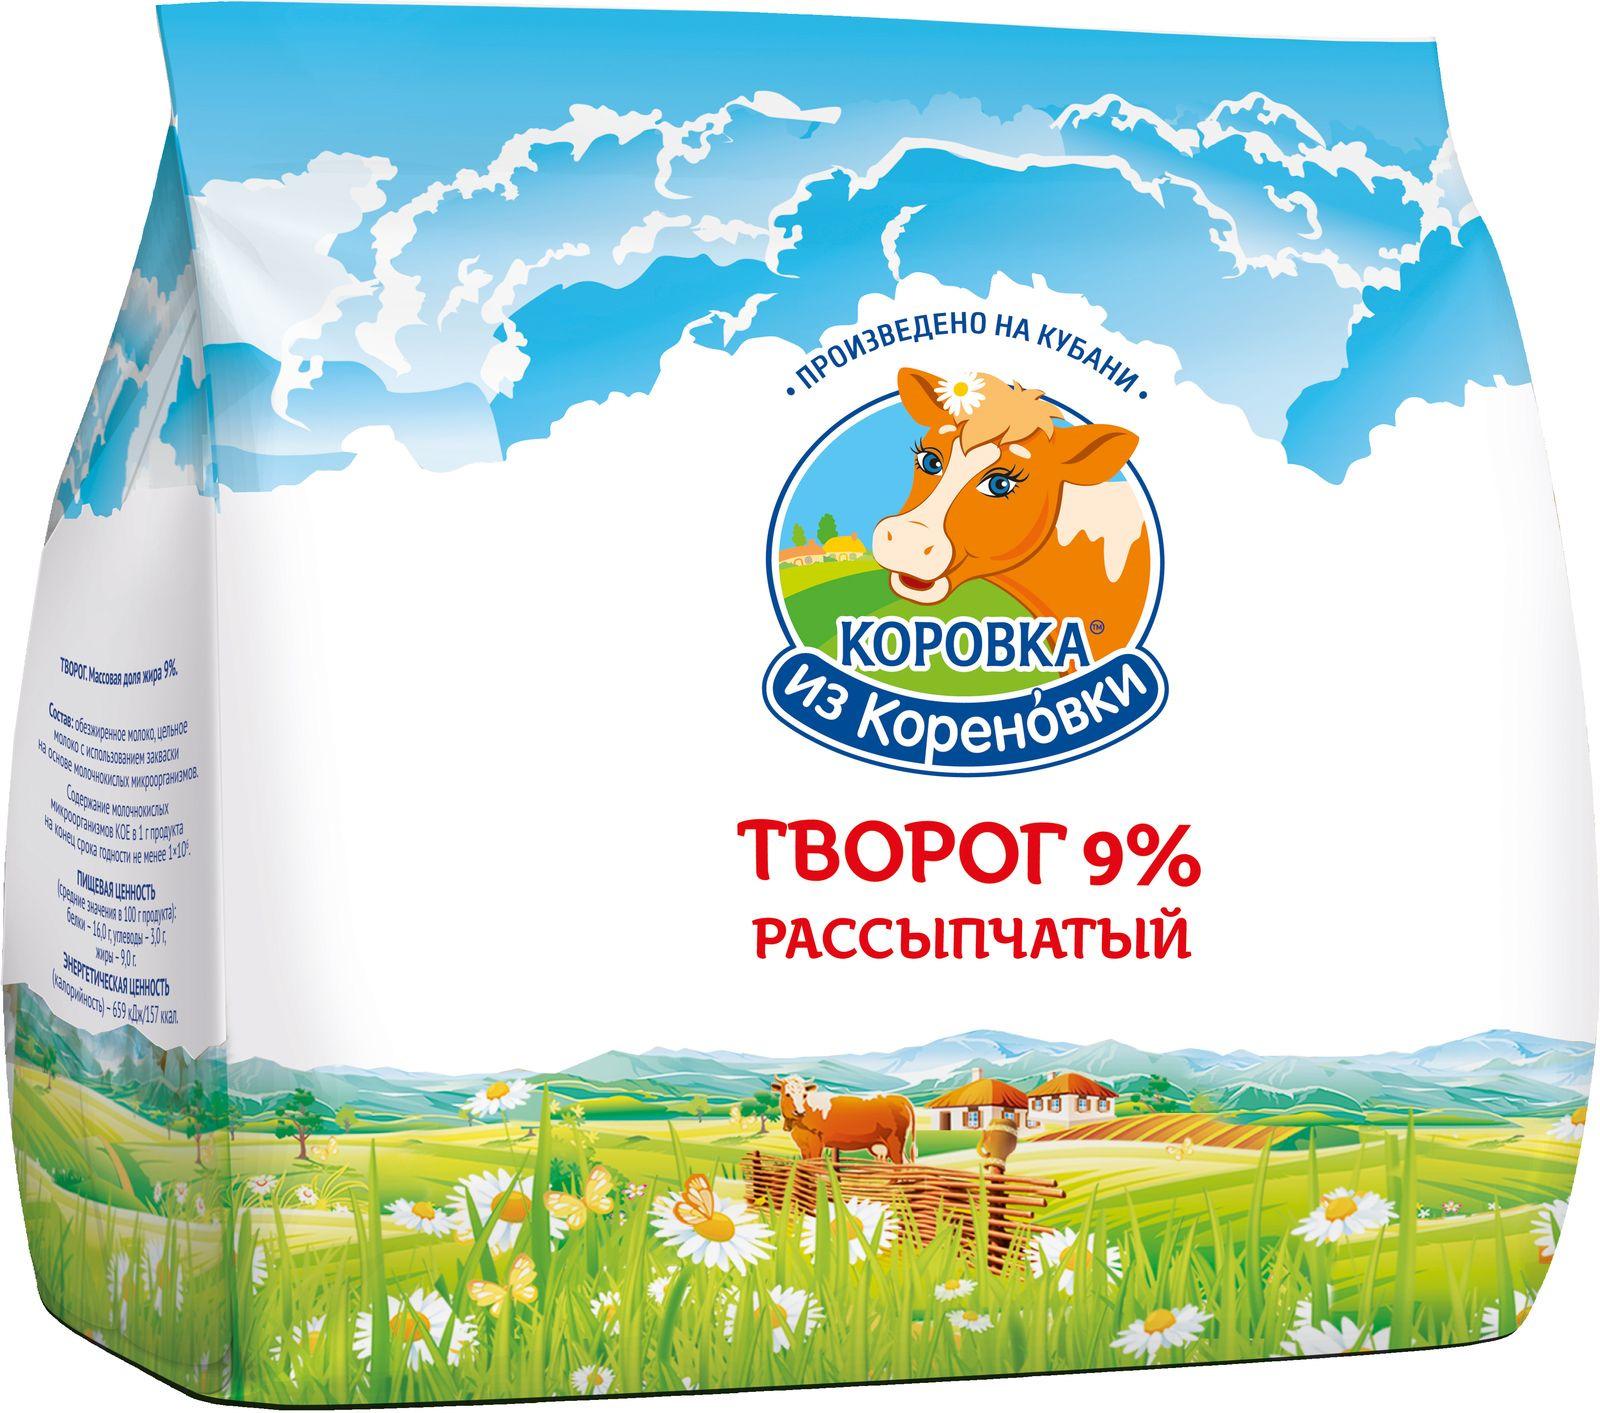 Творог Коровка из Кореновки, рассыпчатый, 9%, 200 г